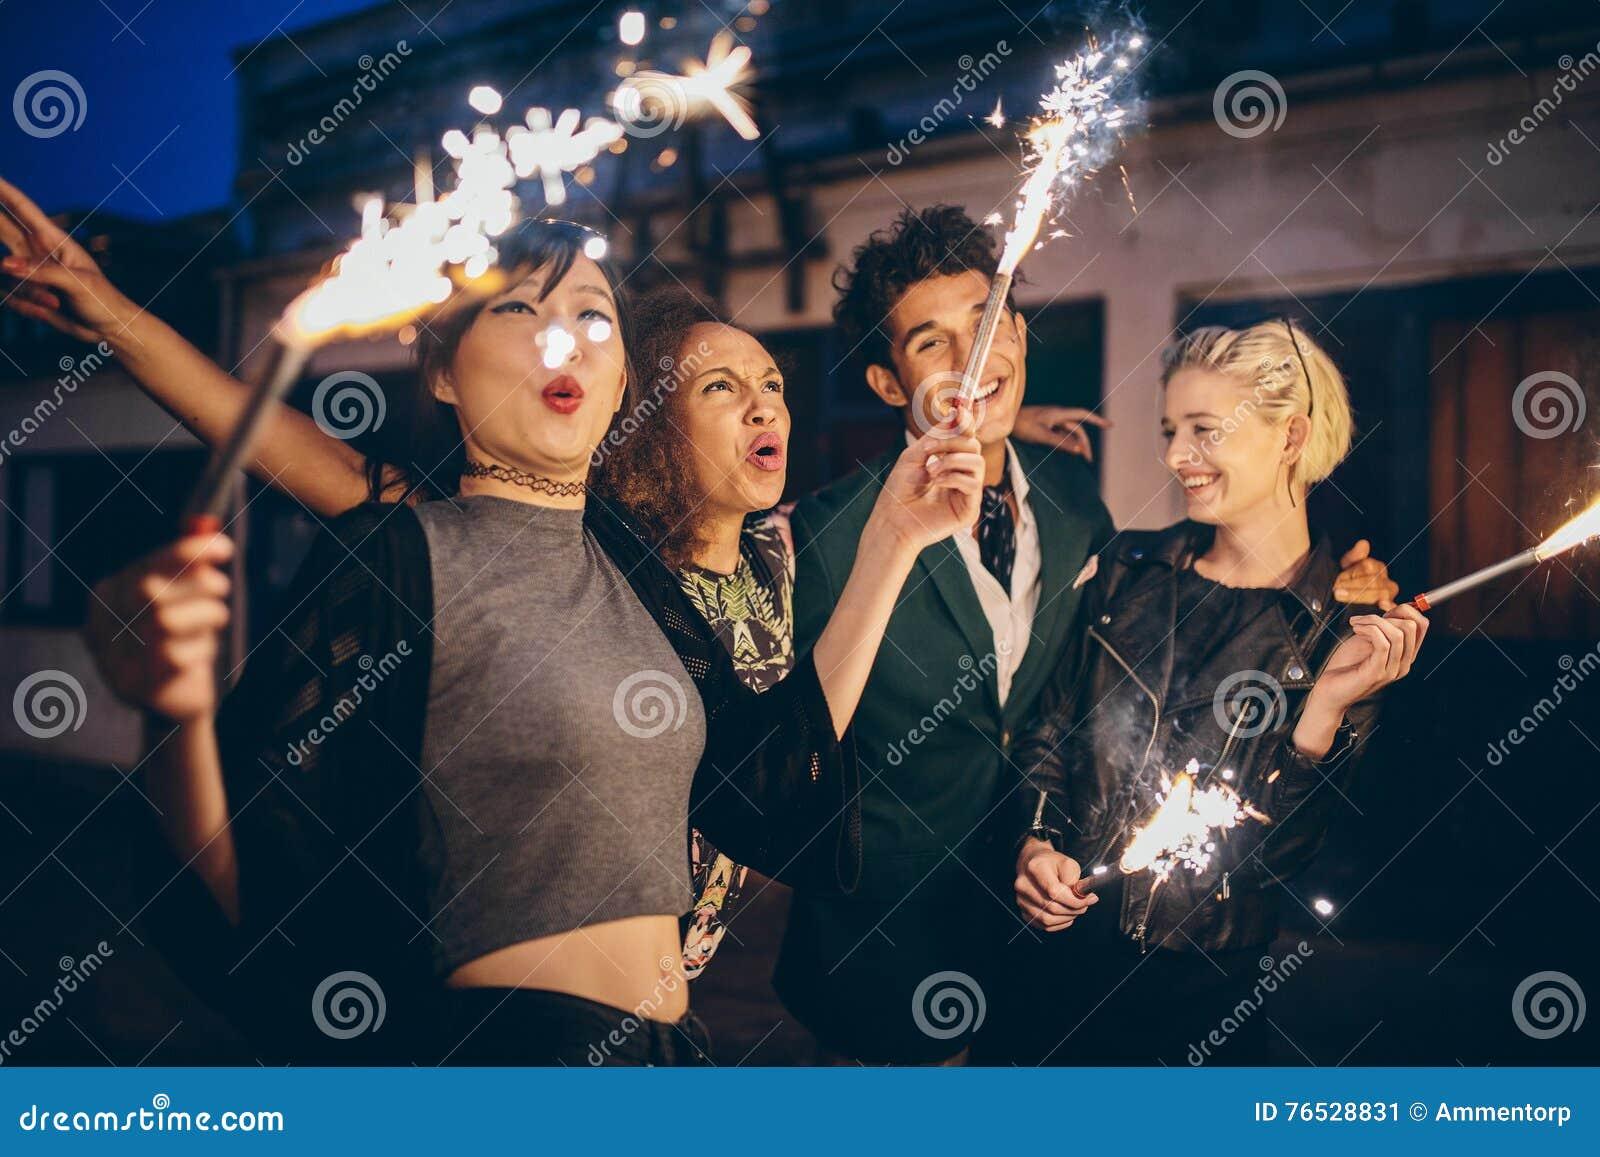 Молодые люди наслаждаясь кануном Новых Годов с фейерверками